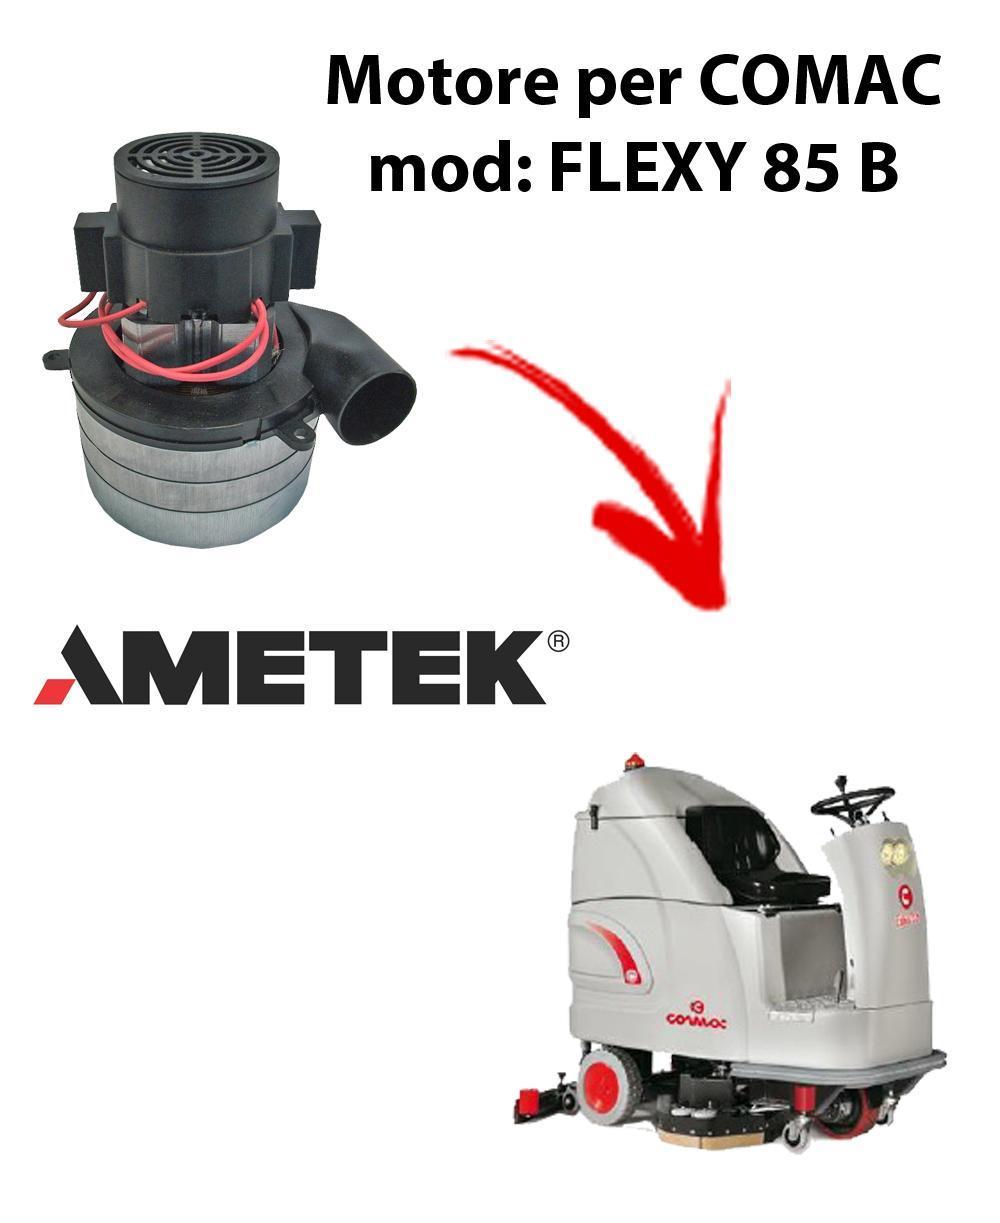 FLEXY 85 B Motore de aspiración Ametek Italia  para fregadora Comac